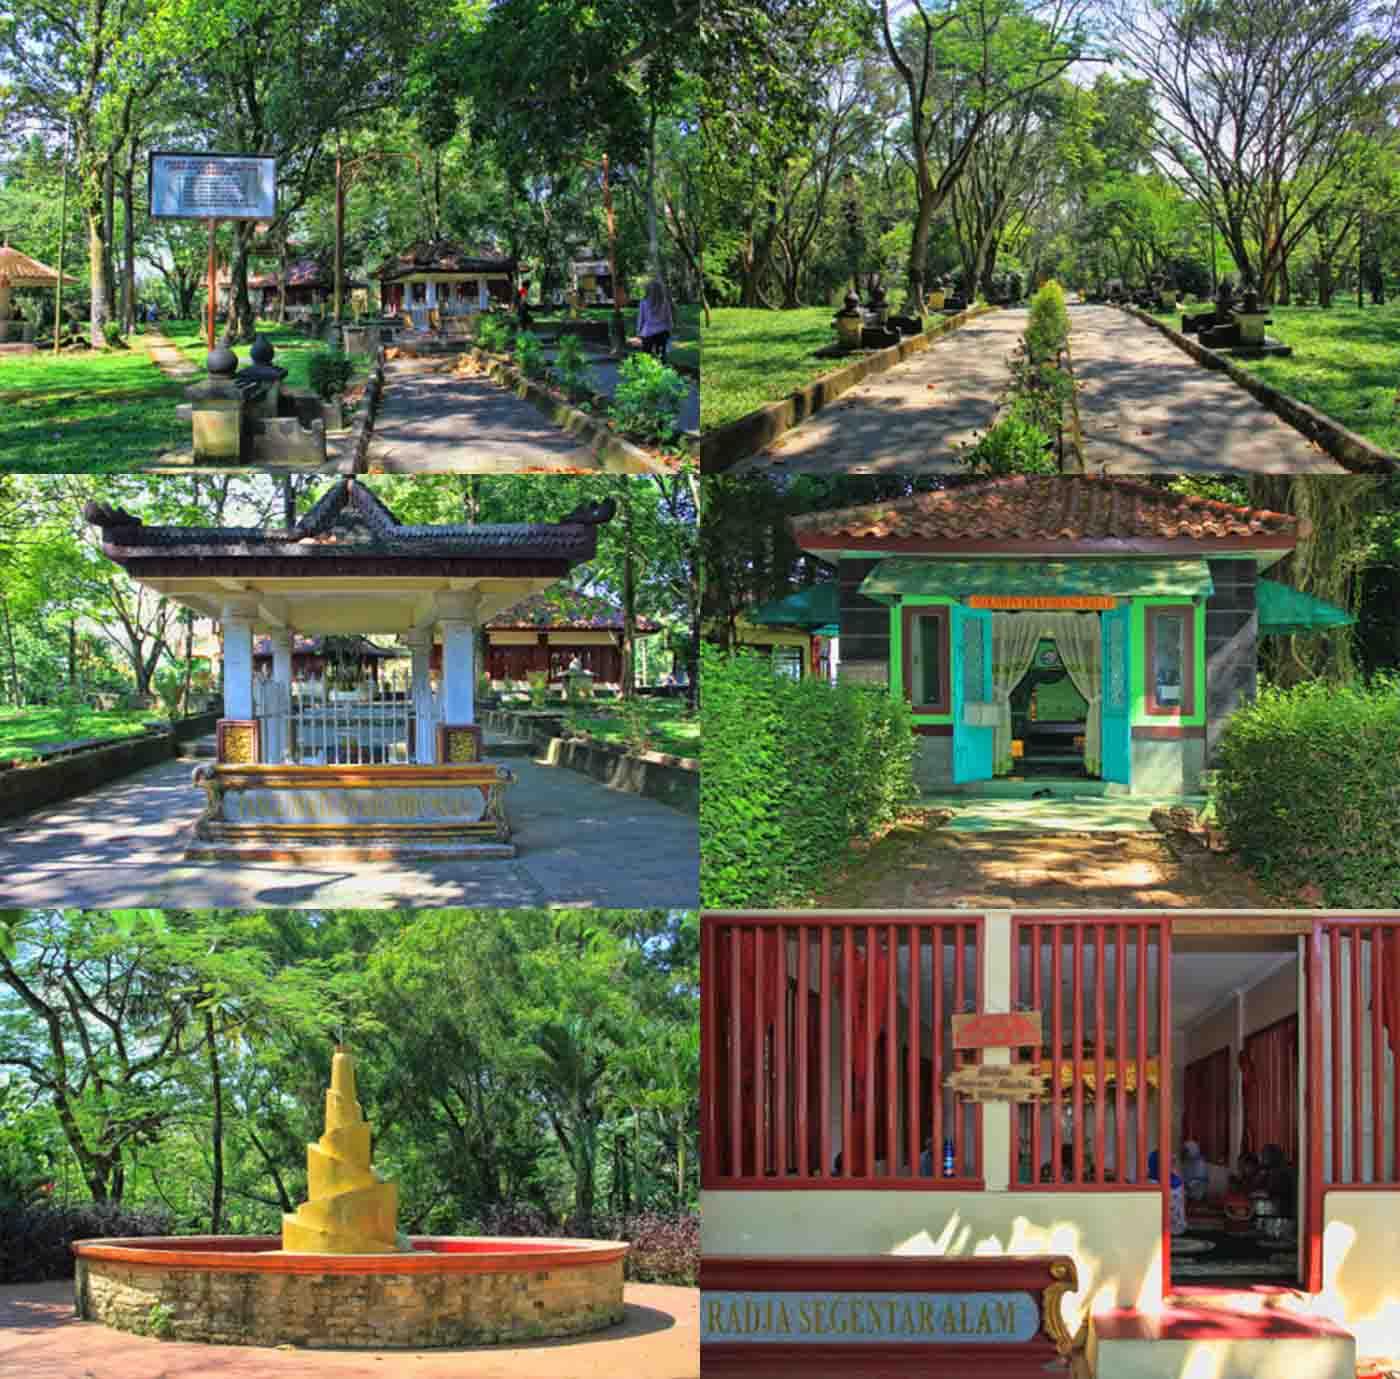 Wisata Sejarah Bukit Siguntang Palembang Sumatera Selatan Suasana Sekitar Kota